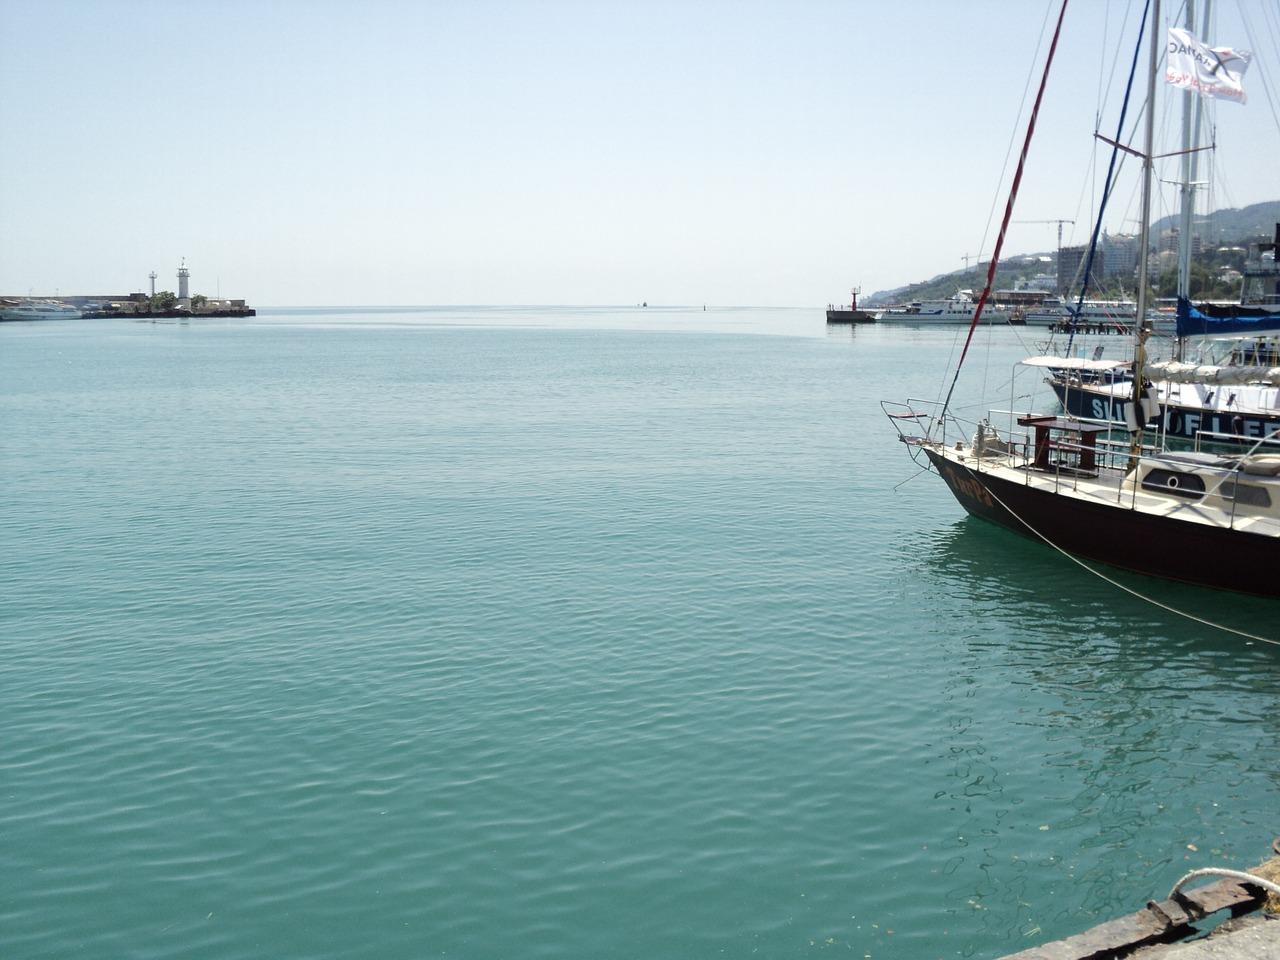 В Крыму ответили на требование Киева получить компенсацию от РФ за крымские порты